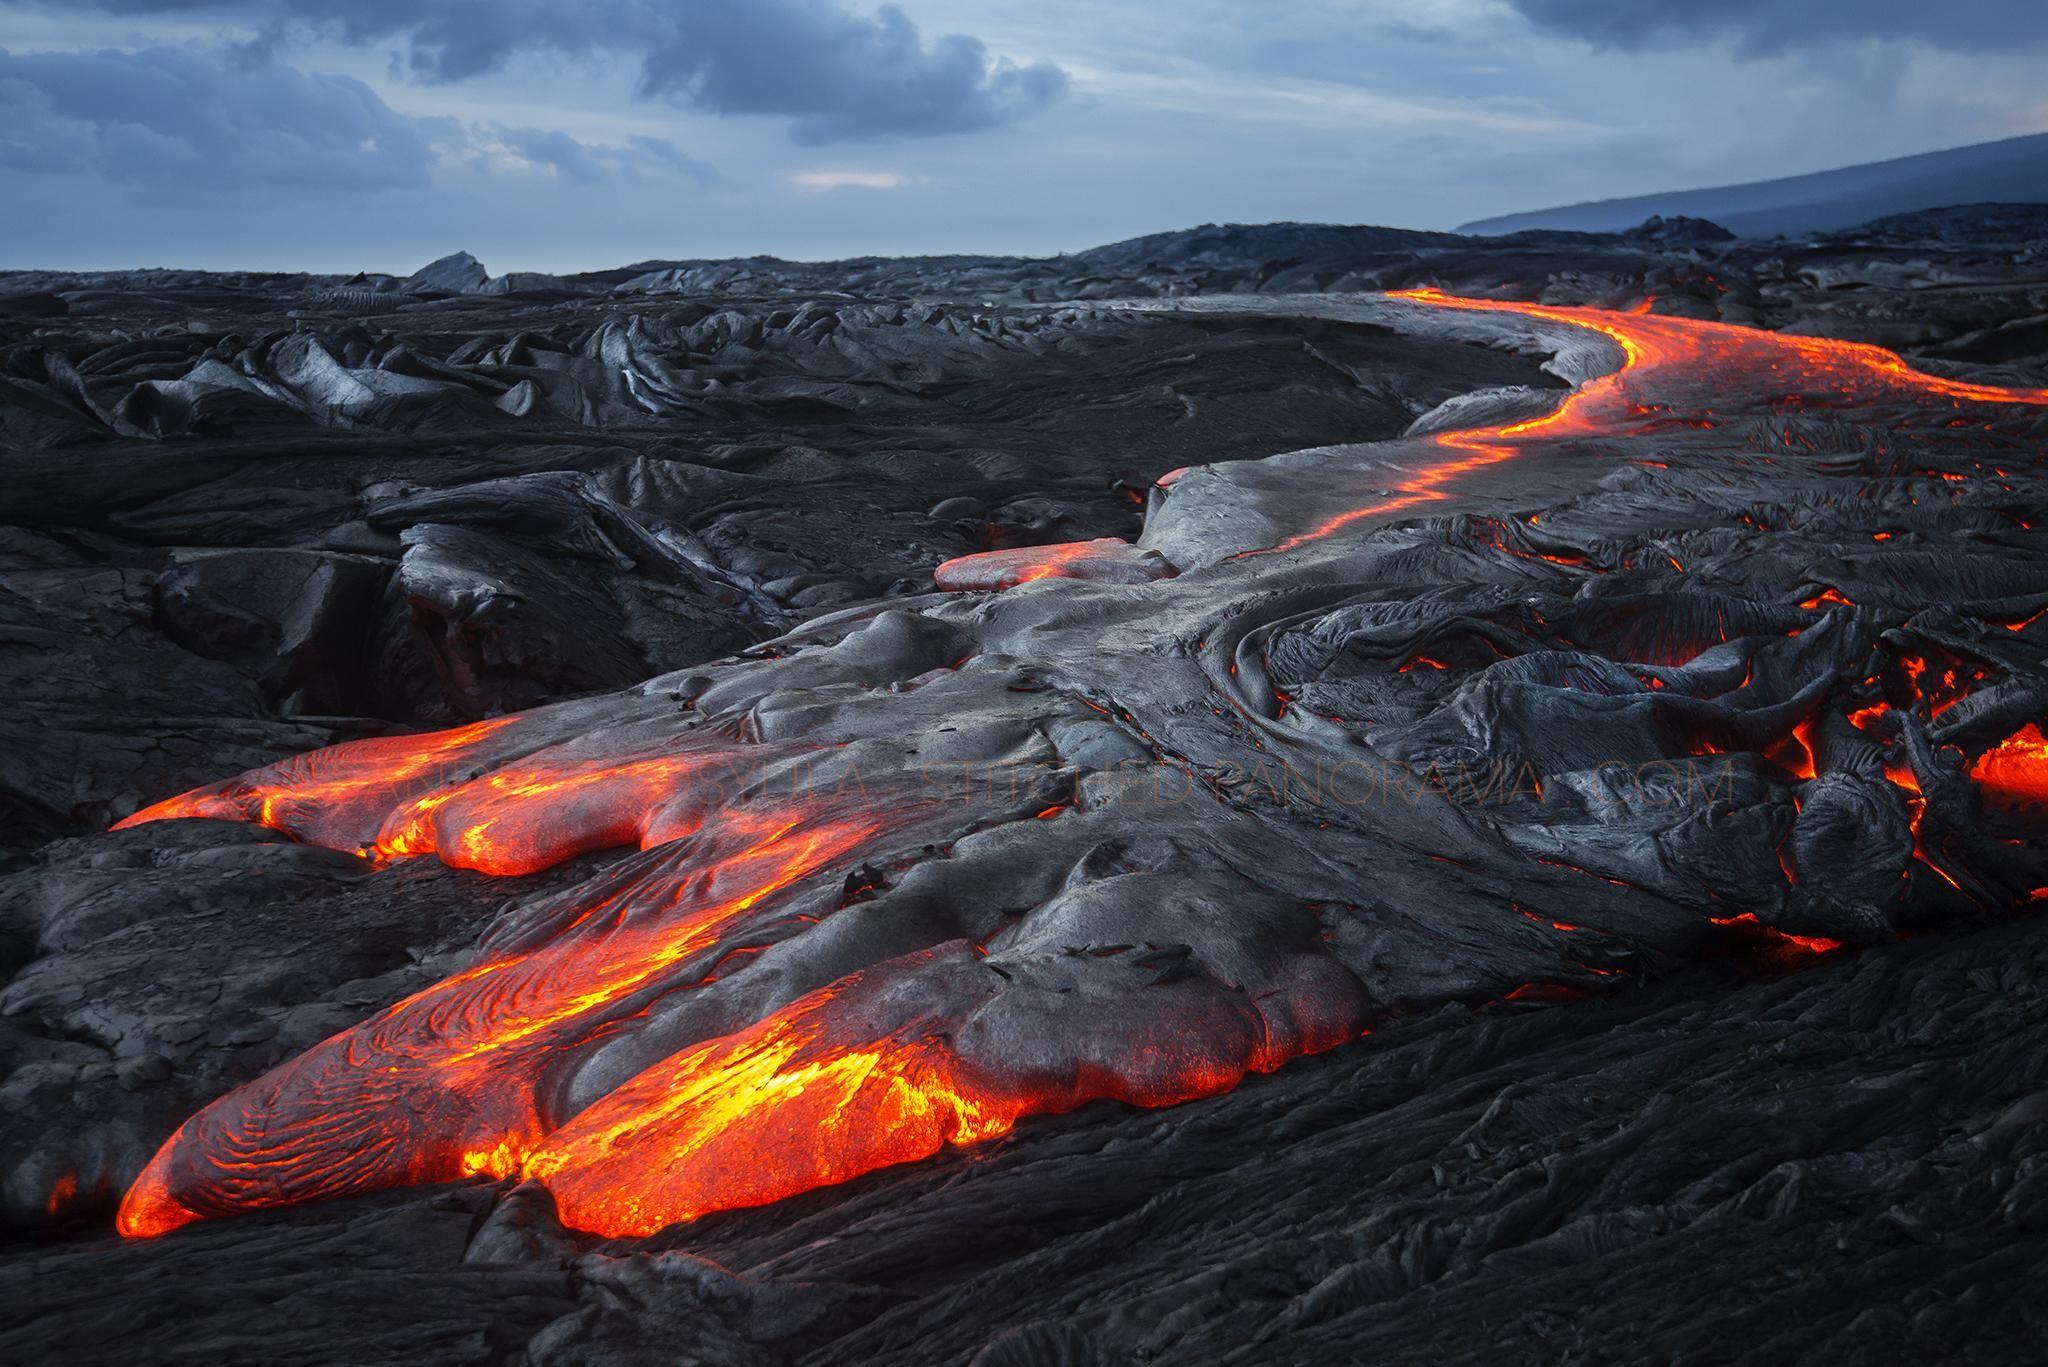 вулканическая лава фотографии десерт нас появляется